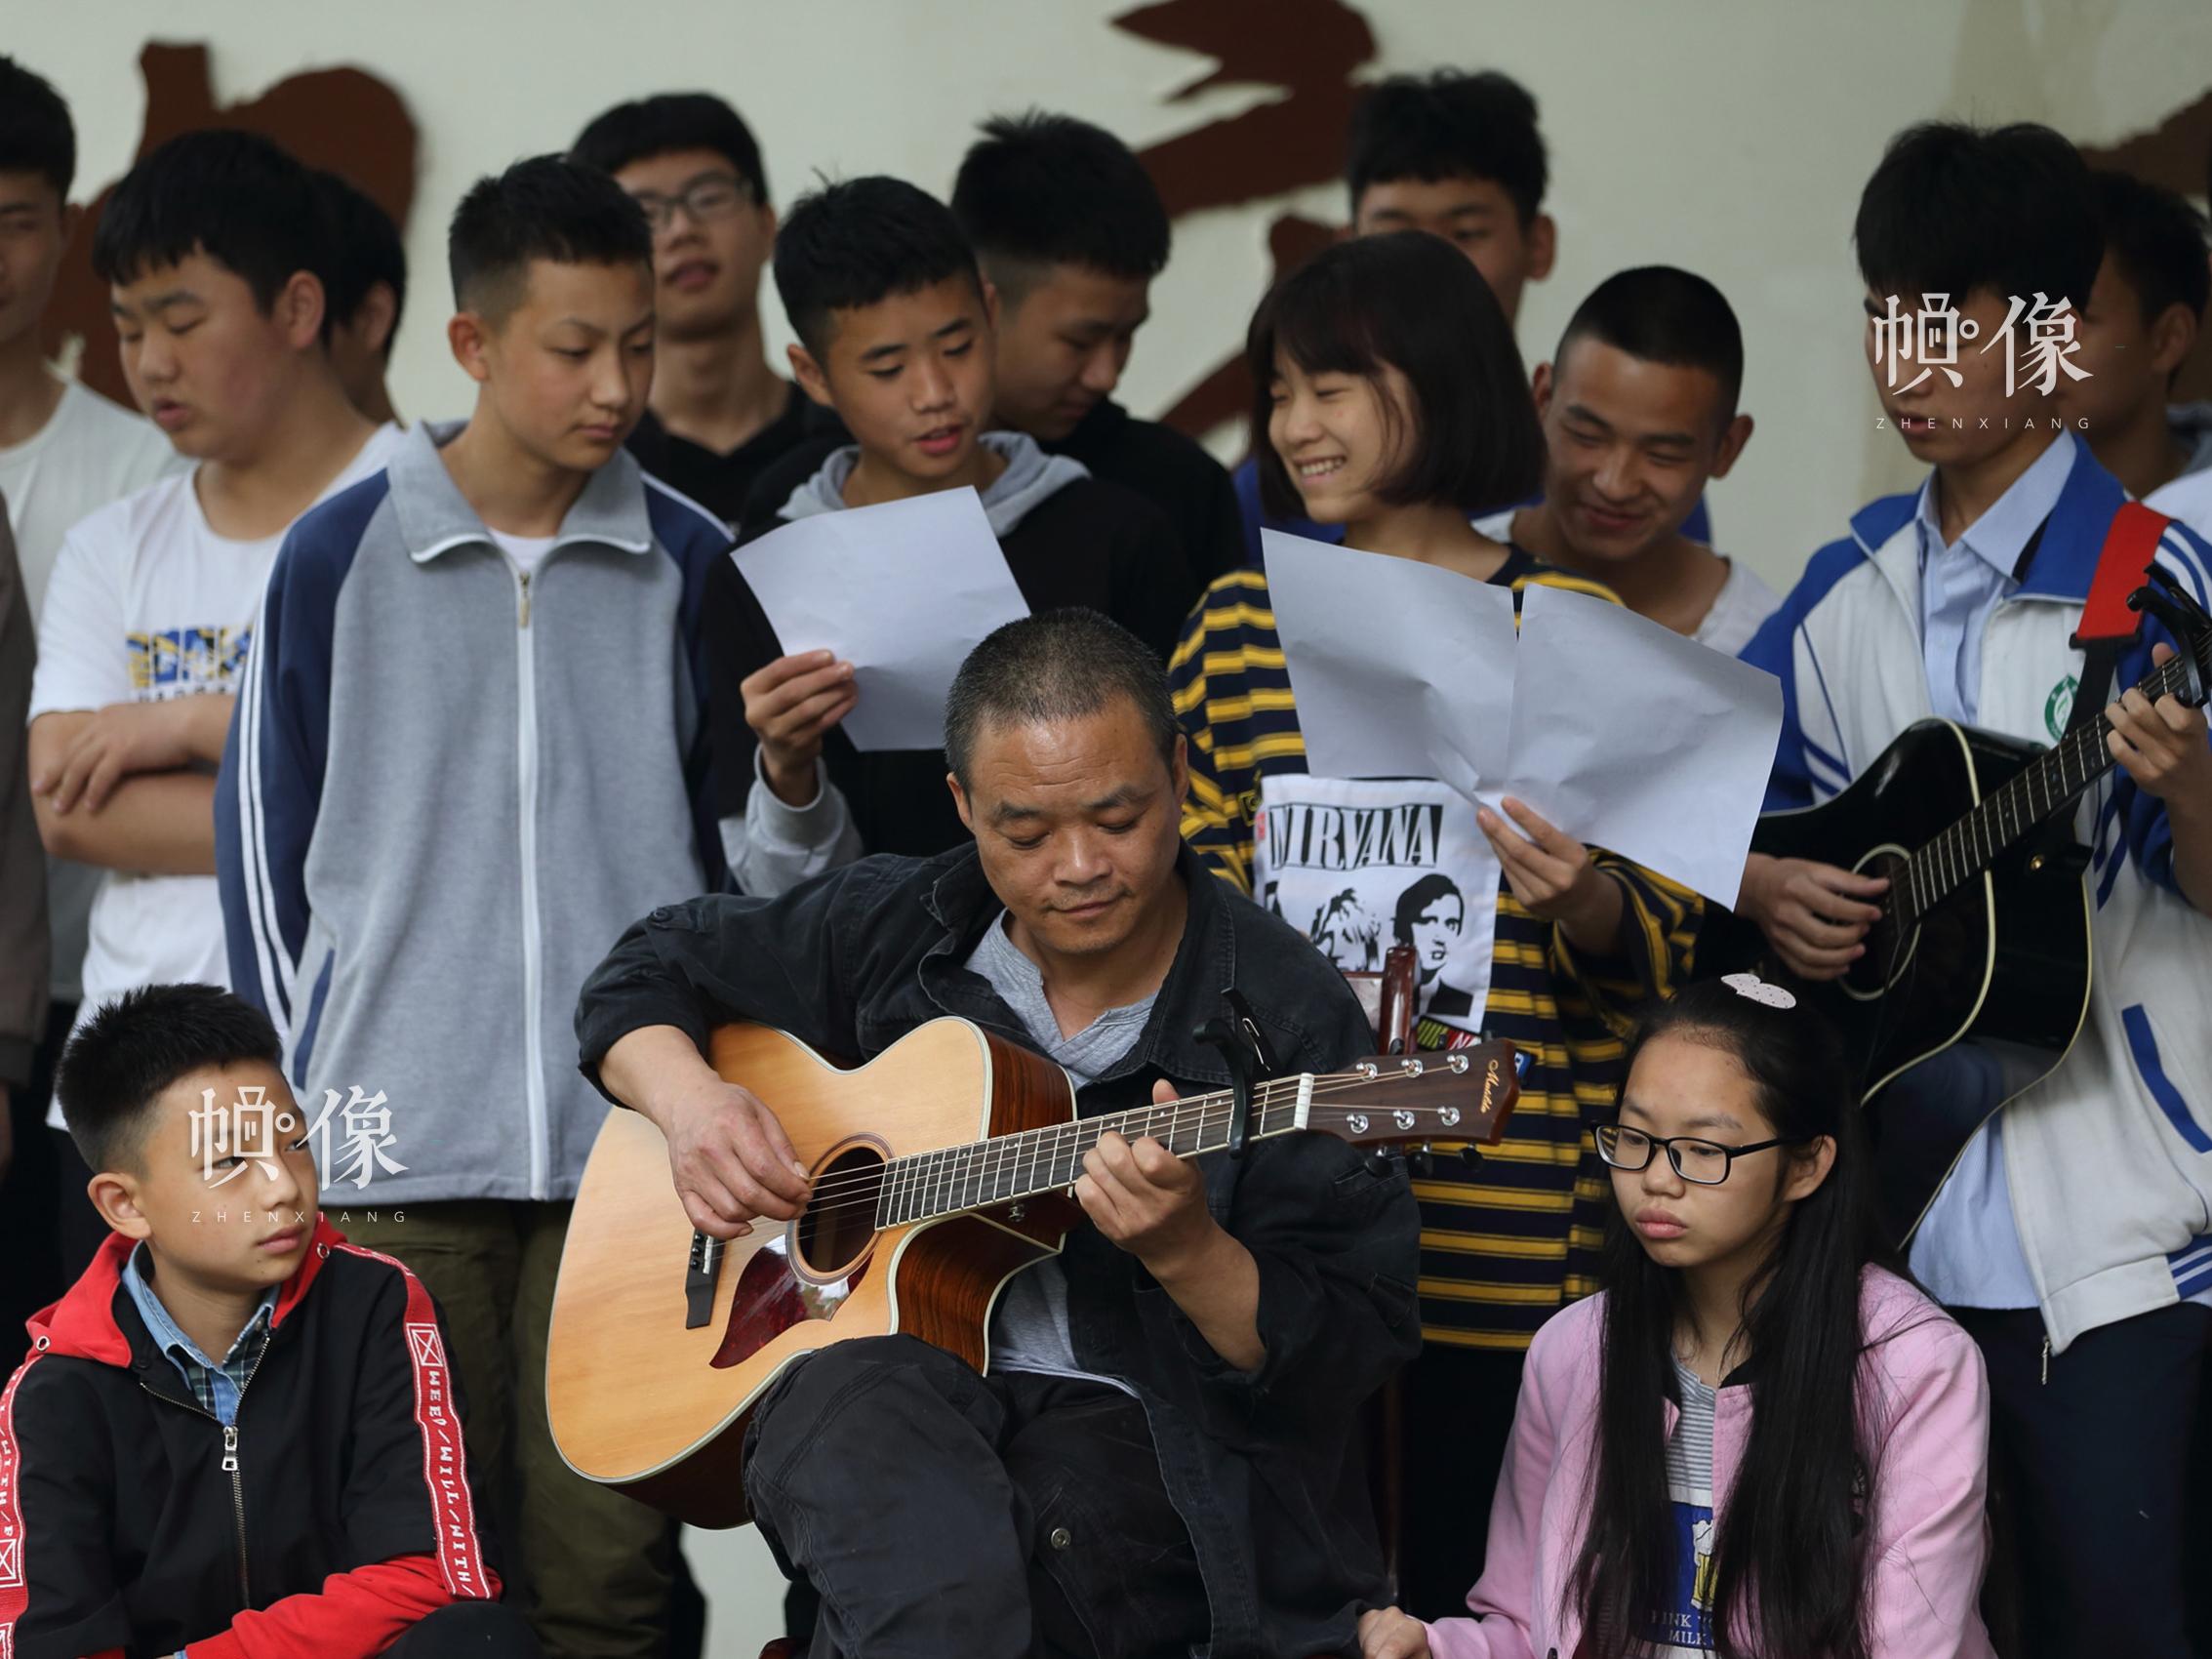 2018年4月,成都双流安康家园,孩子们和胡源忠合唱《安康》。中国网记者 陈维松 摄